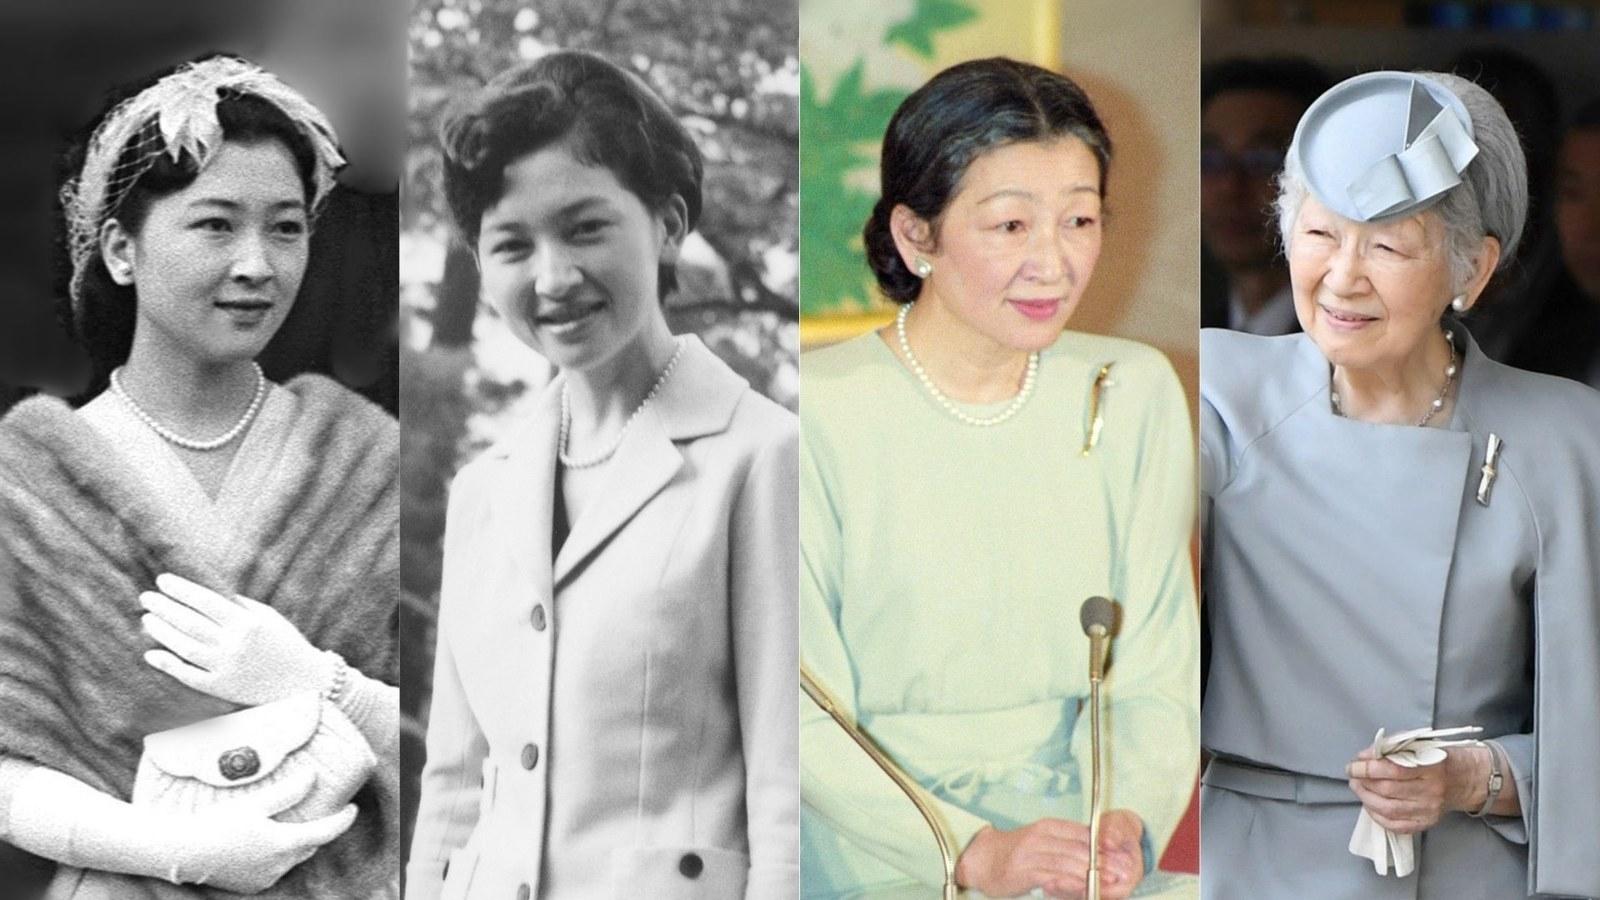 「皇后」美智子さまが歩まれた平成の30年。友人が見た苦悩と葛藤の日々